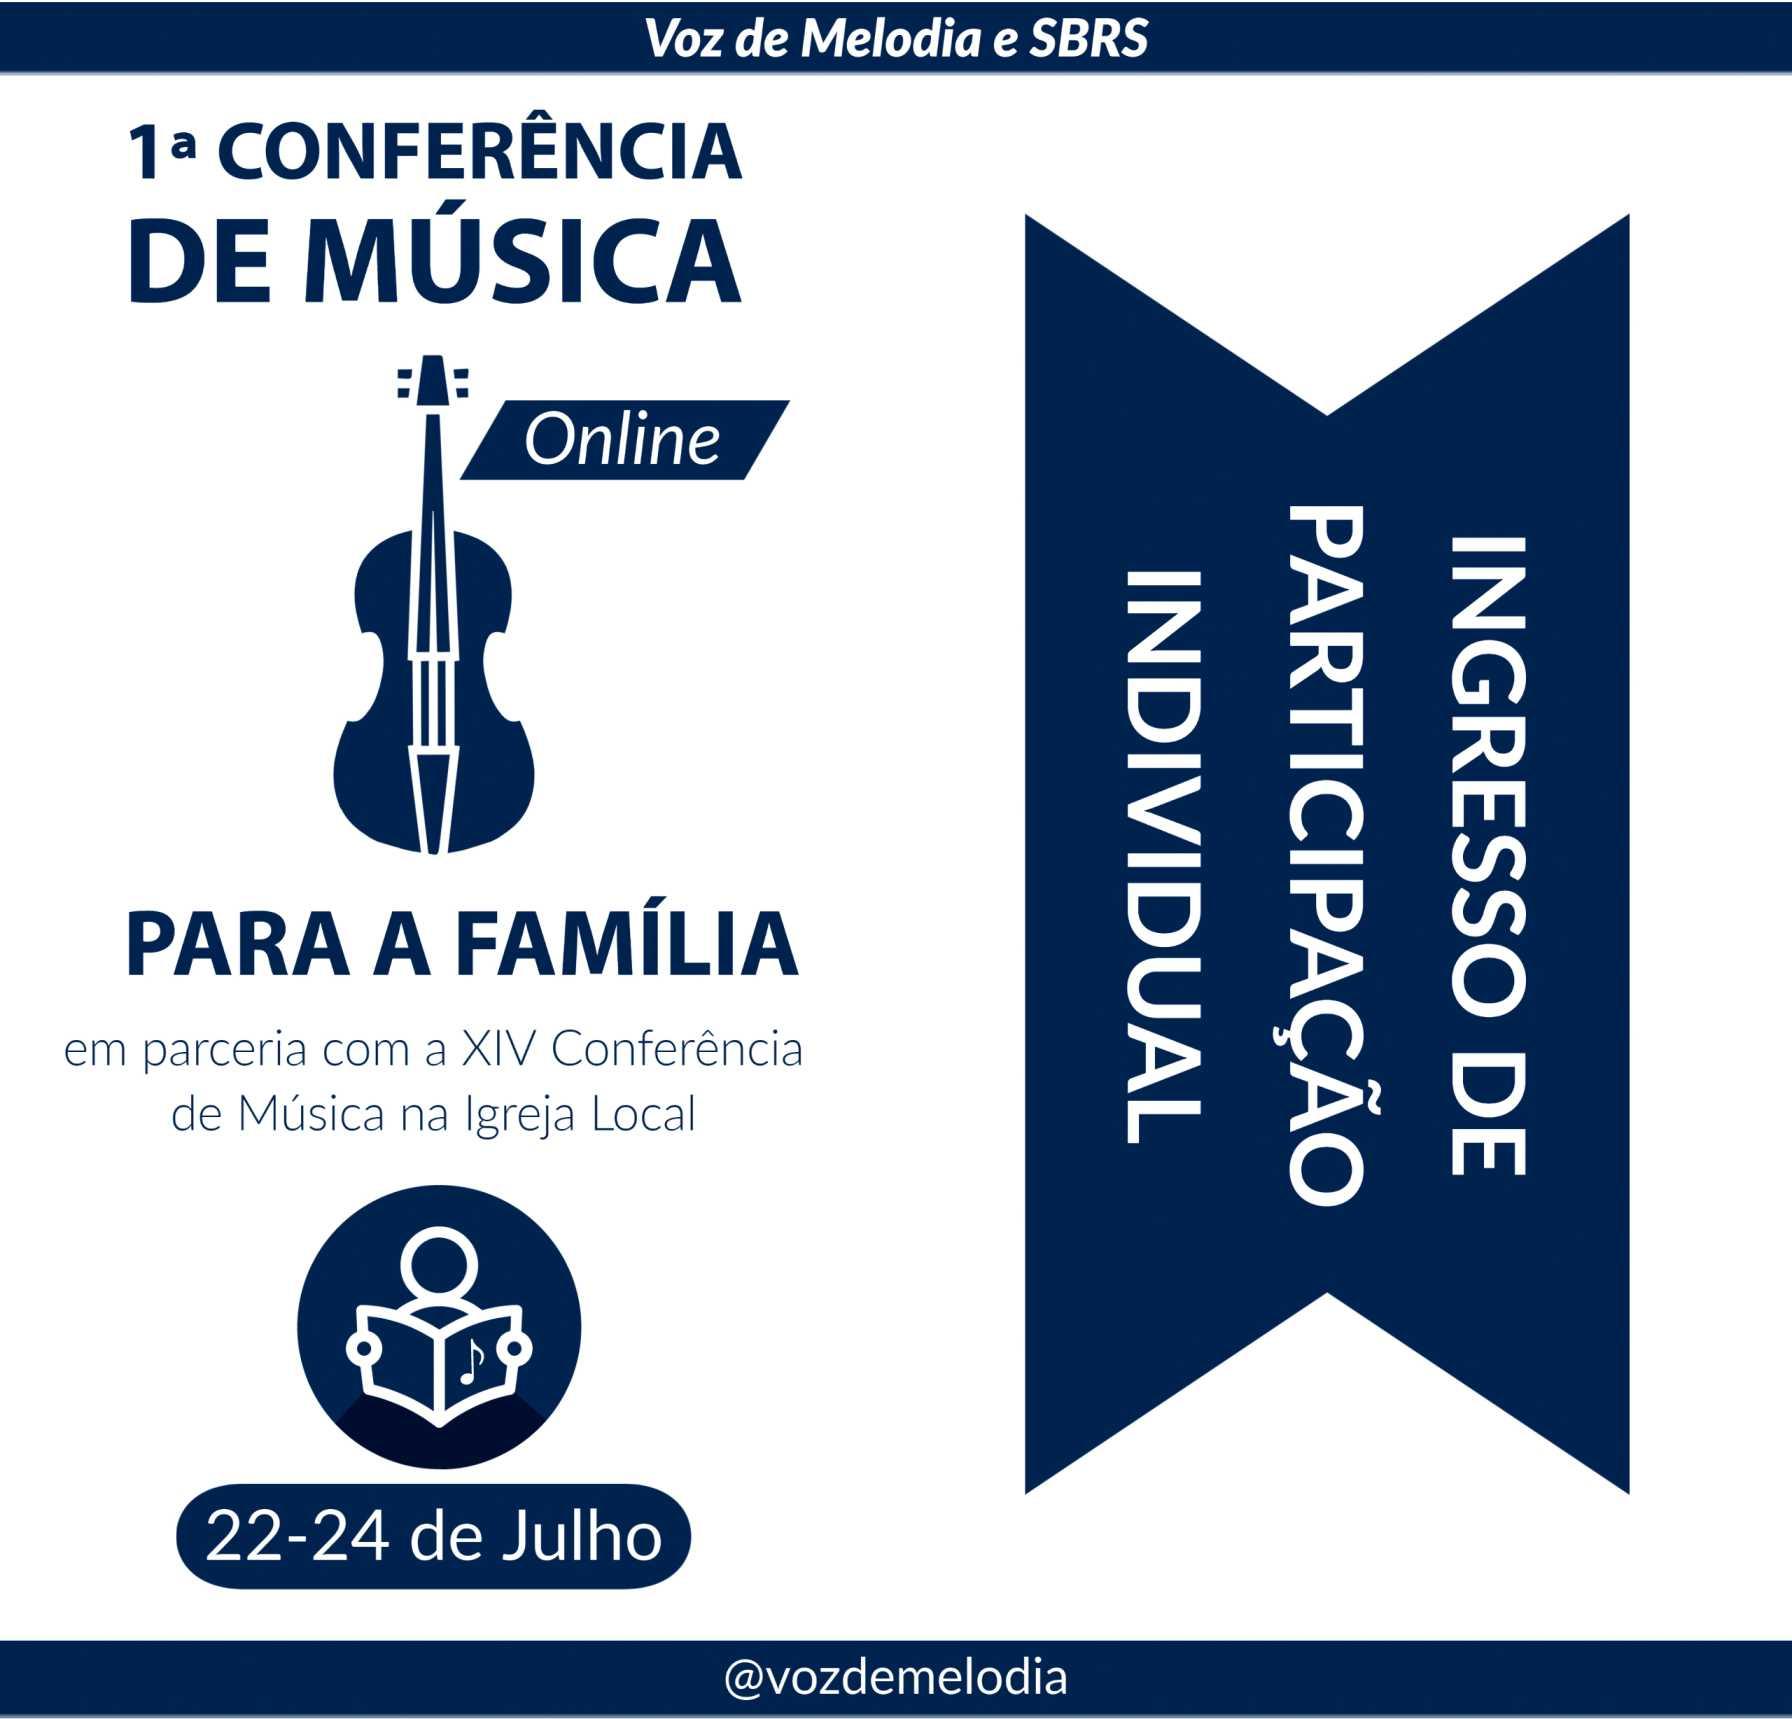 Pacote Família 1 - 2 Adultos e 2 Crianças - 1a Conferência de Música para a Família